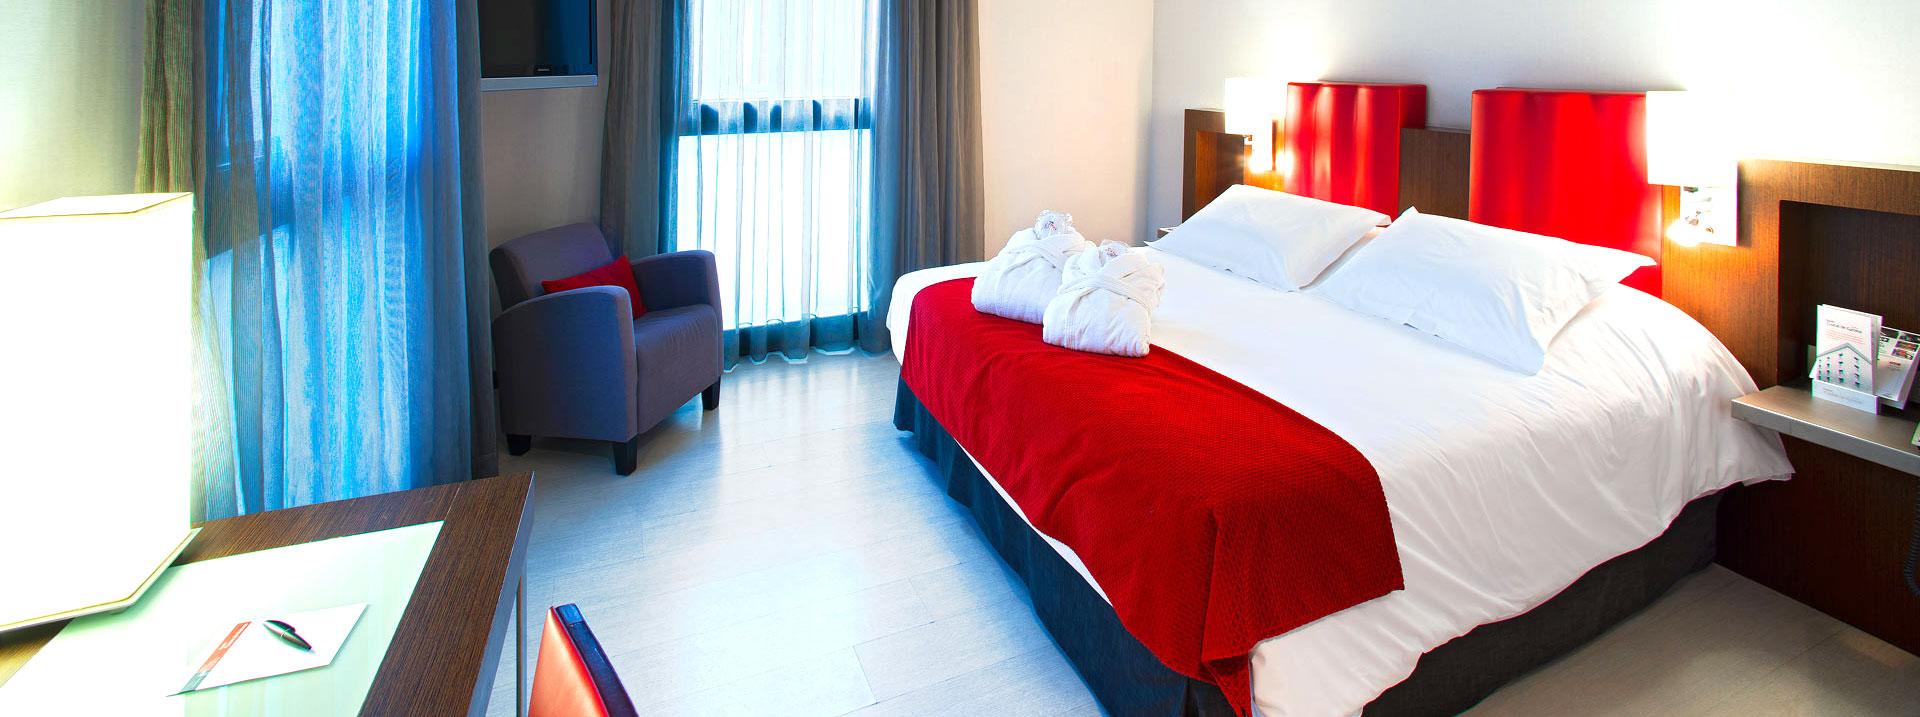 Hotel Ciutat de Girona - 8de62-featured-ciutat-de-girona.jpg